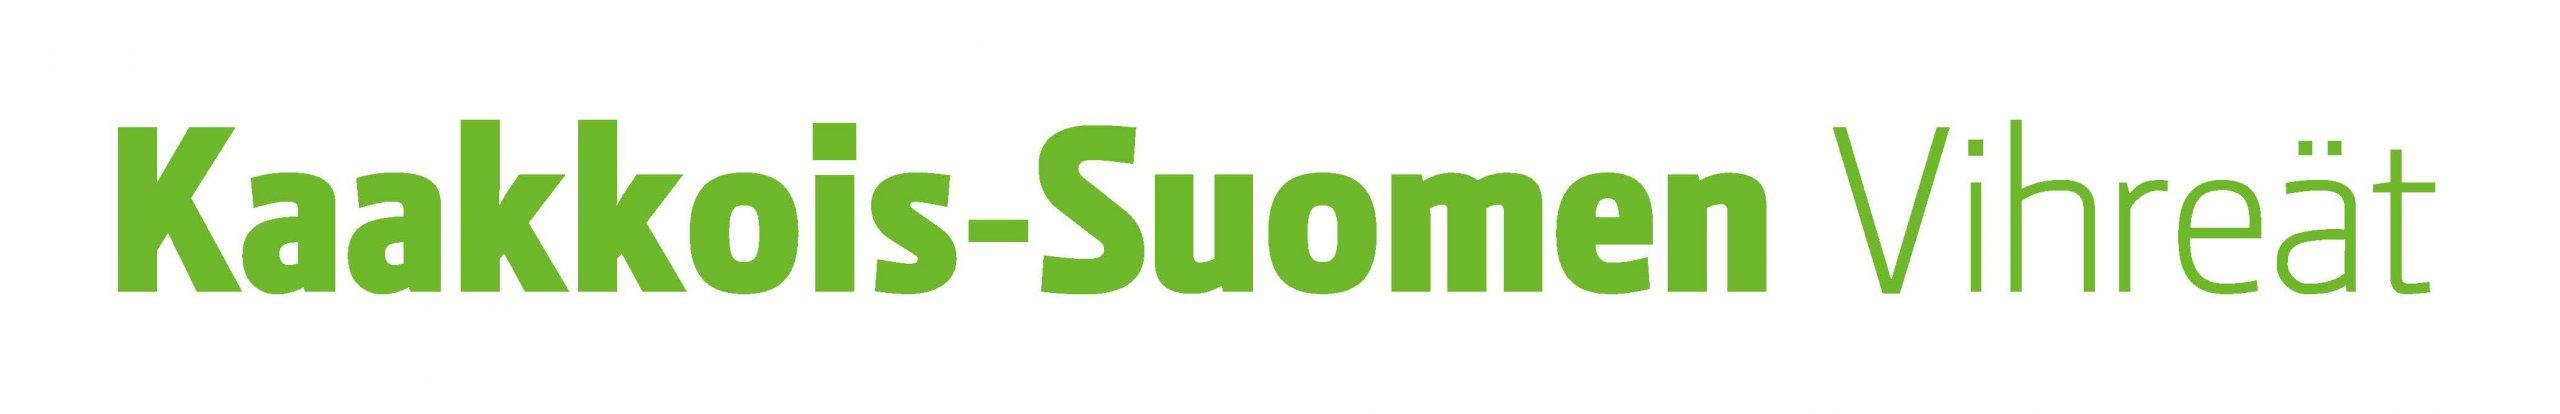 Kaakkois-Suomen vihreät